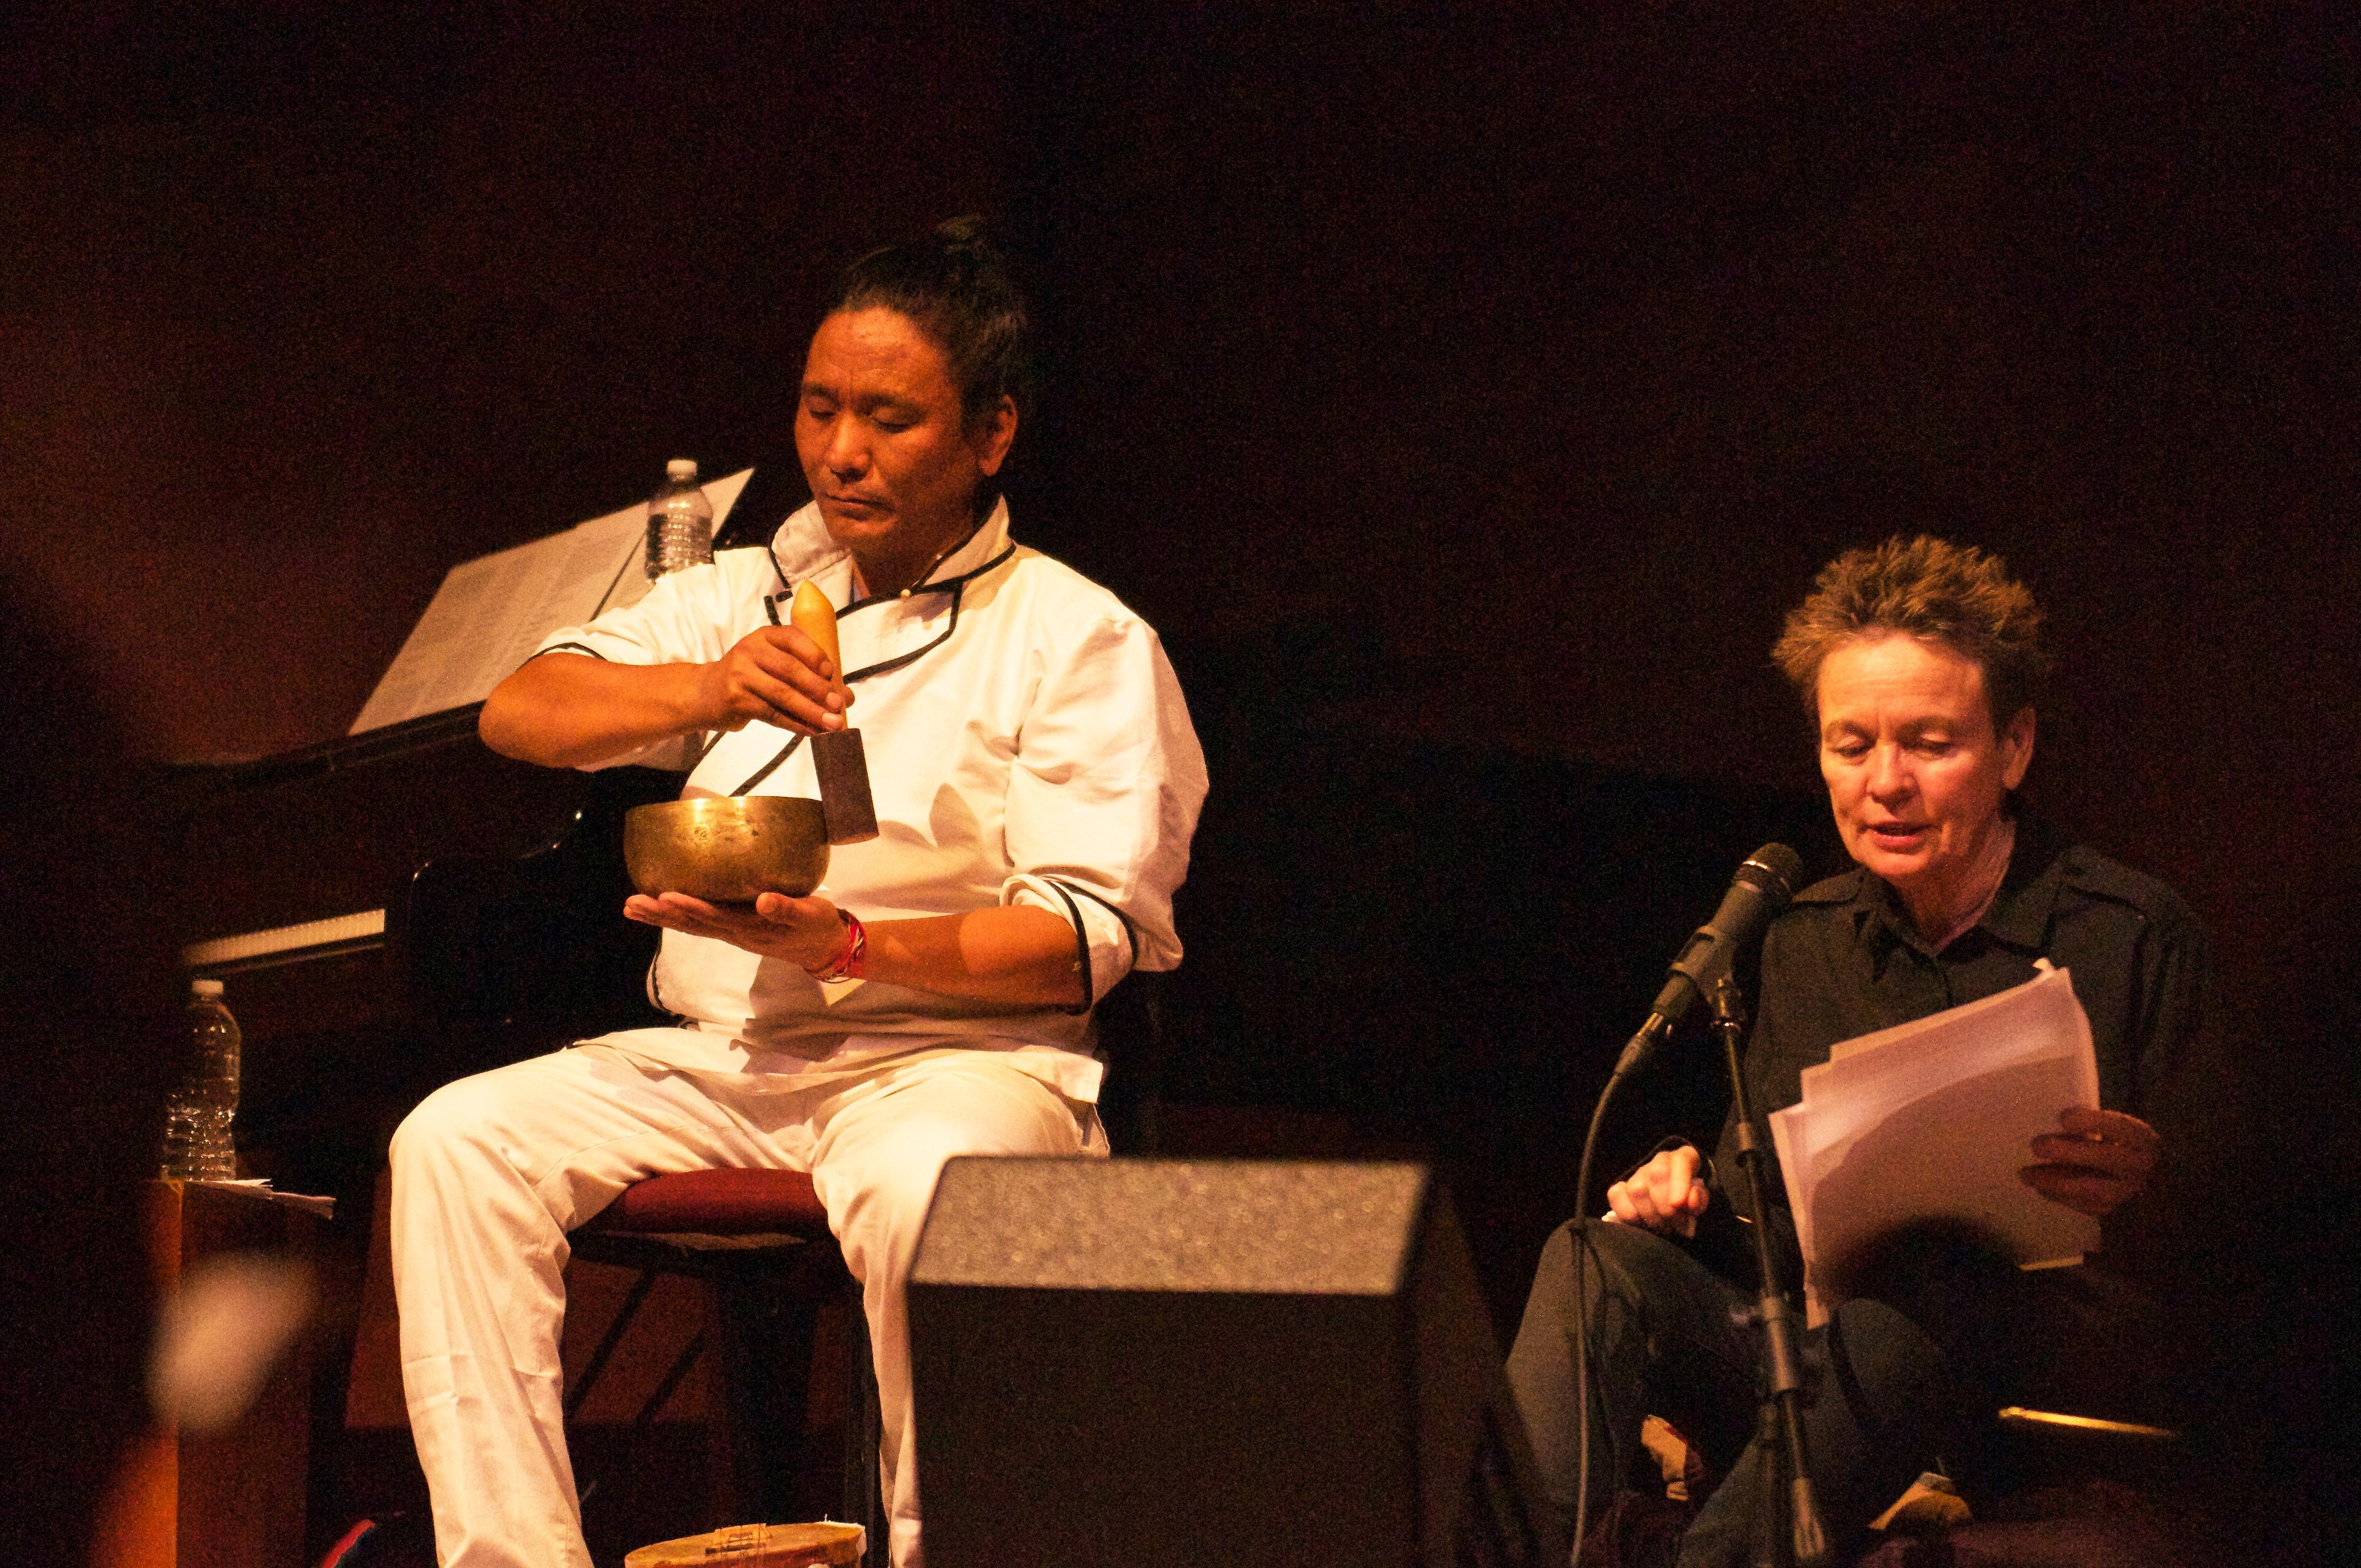 ローリー・アンダーソンと一緒にバルドからの歌を演奏するテンジン・チョギャル。